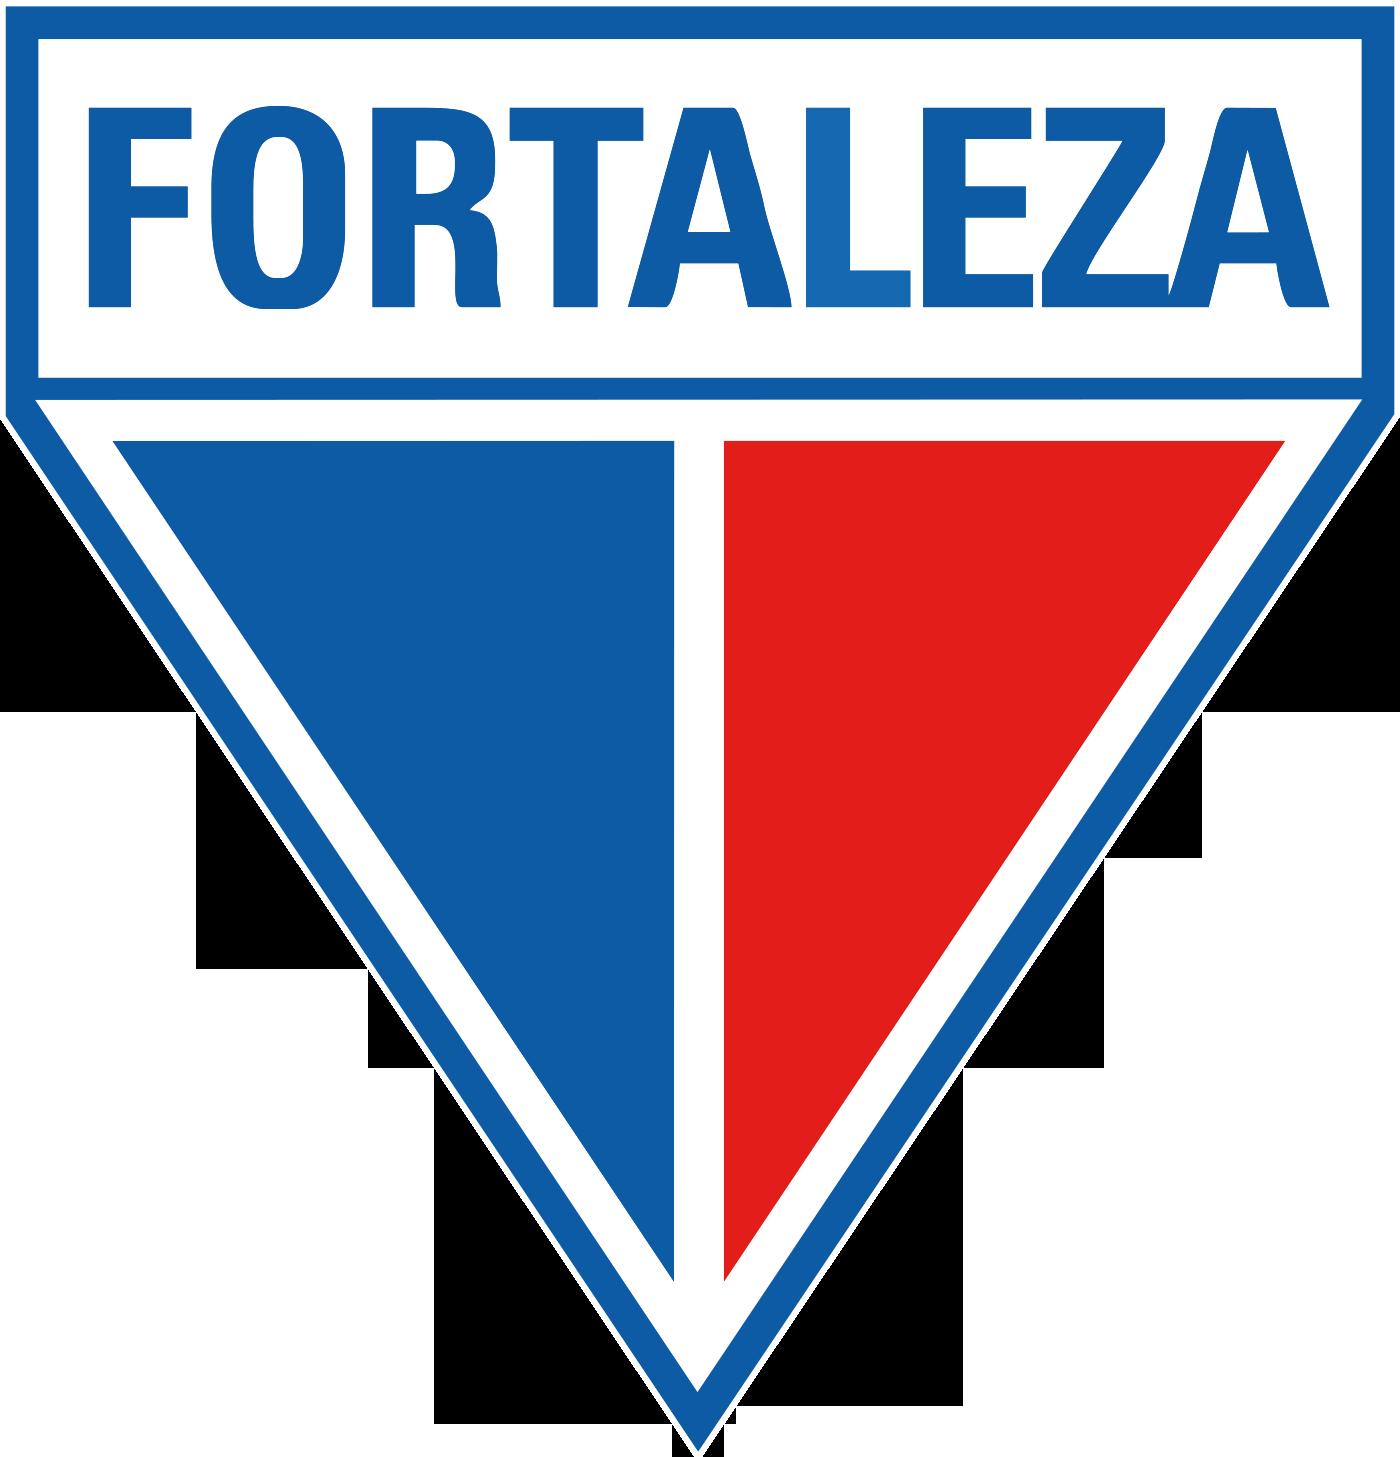 Fortaleza Esporte Clube Wikipedia